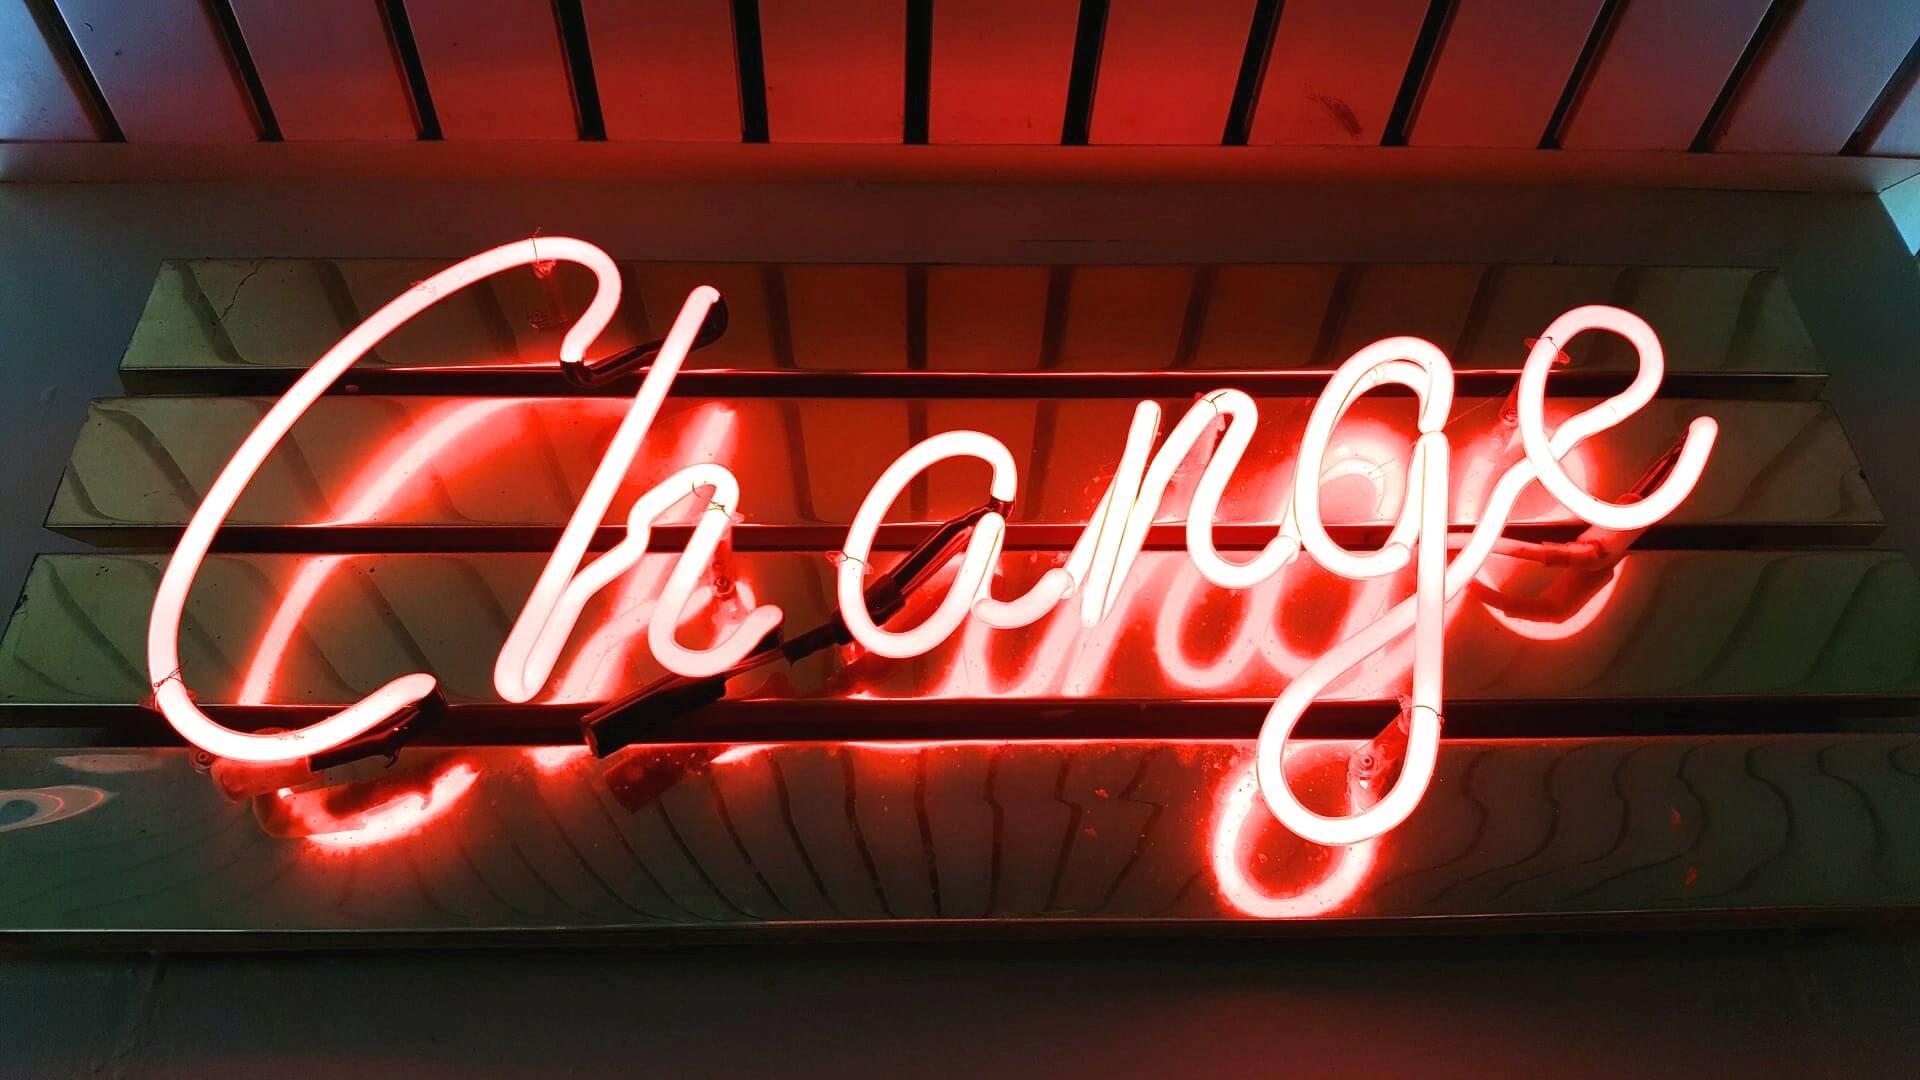 Cambiar el mundo Larry Page